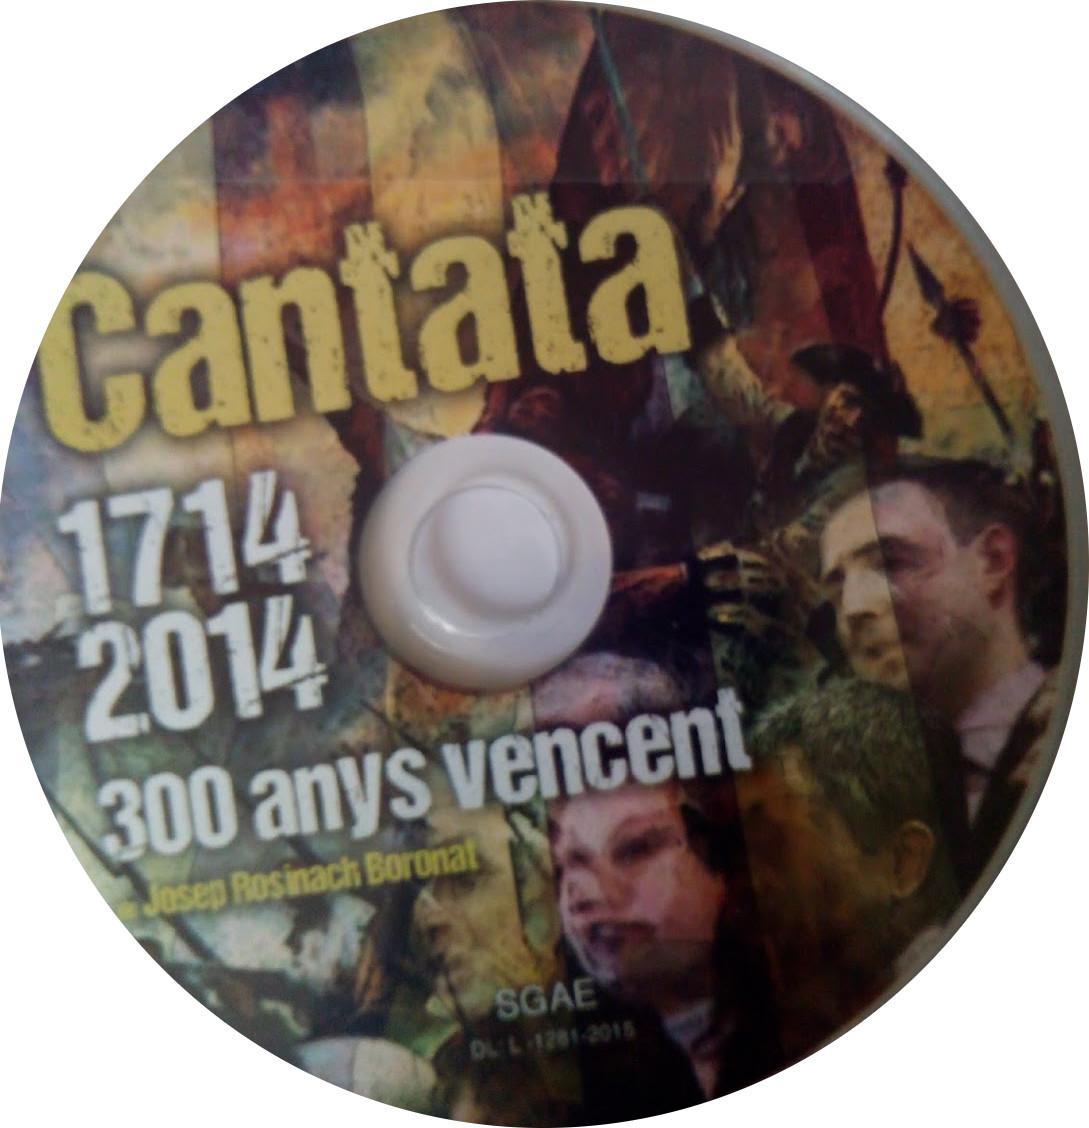 VOLS EL DVD DE L'ACTE D'ESTAT CANTATA DE MOLLERUSSA? (CLICA AQUÍ)